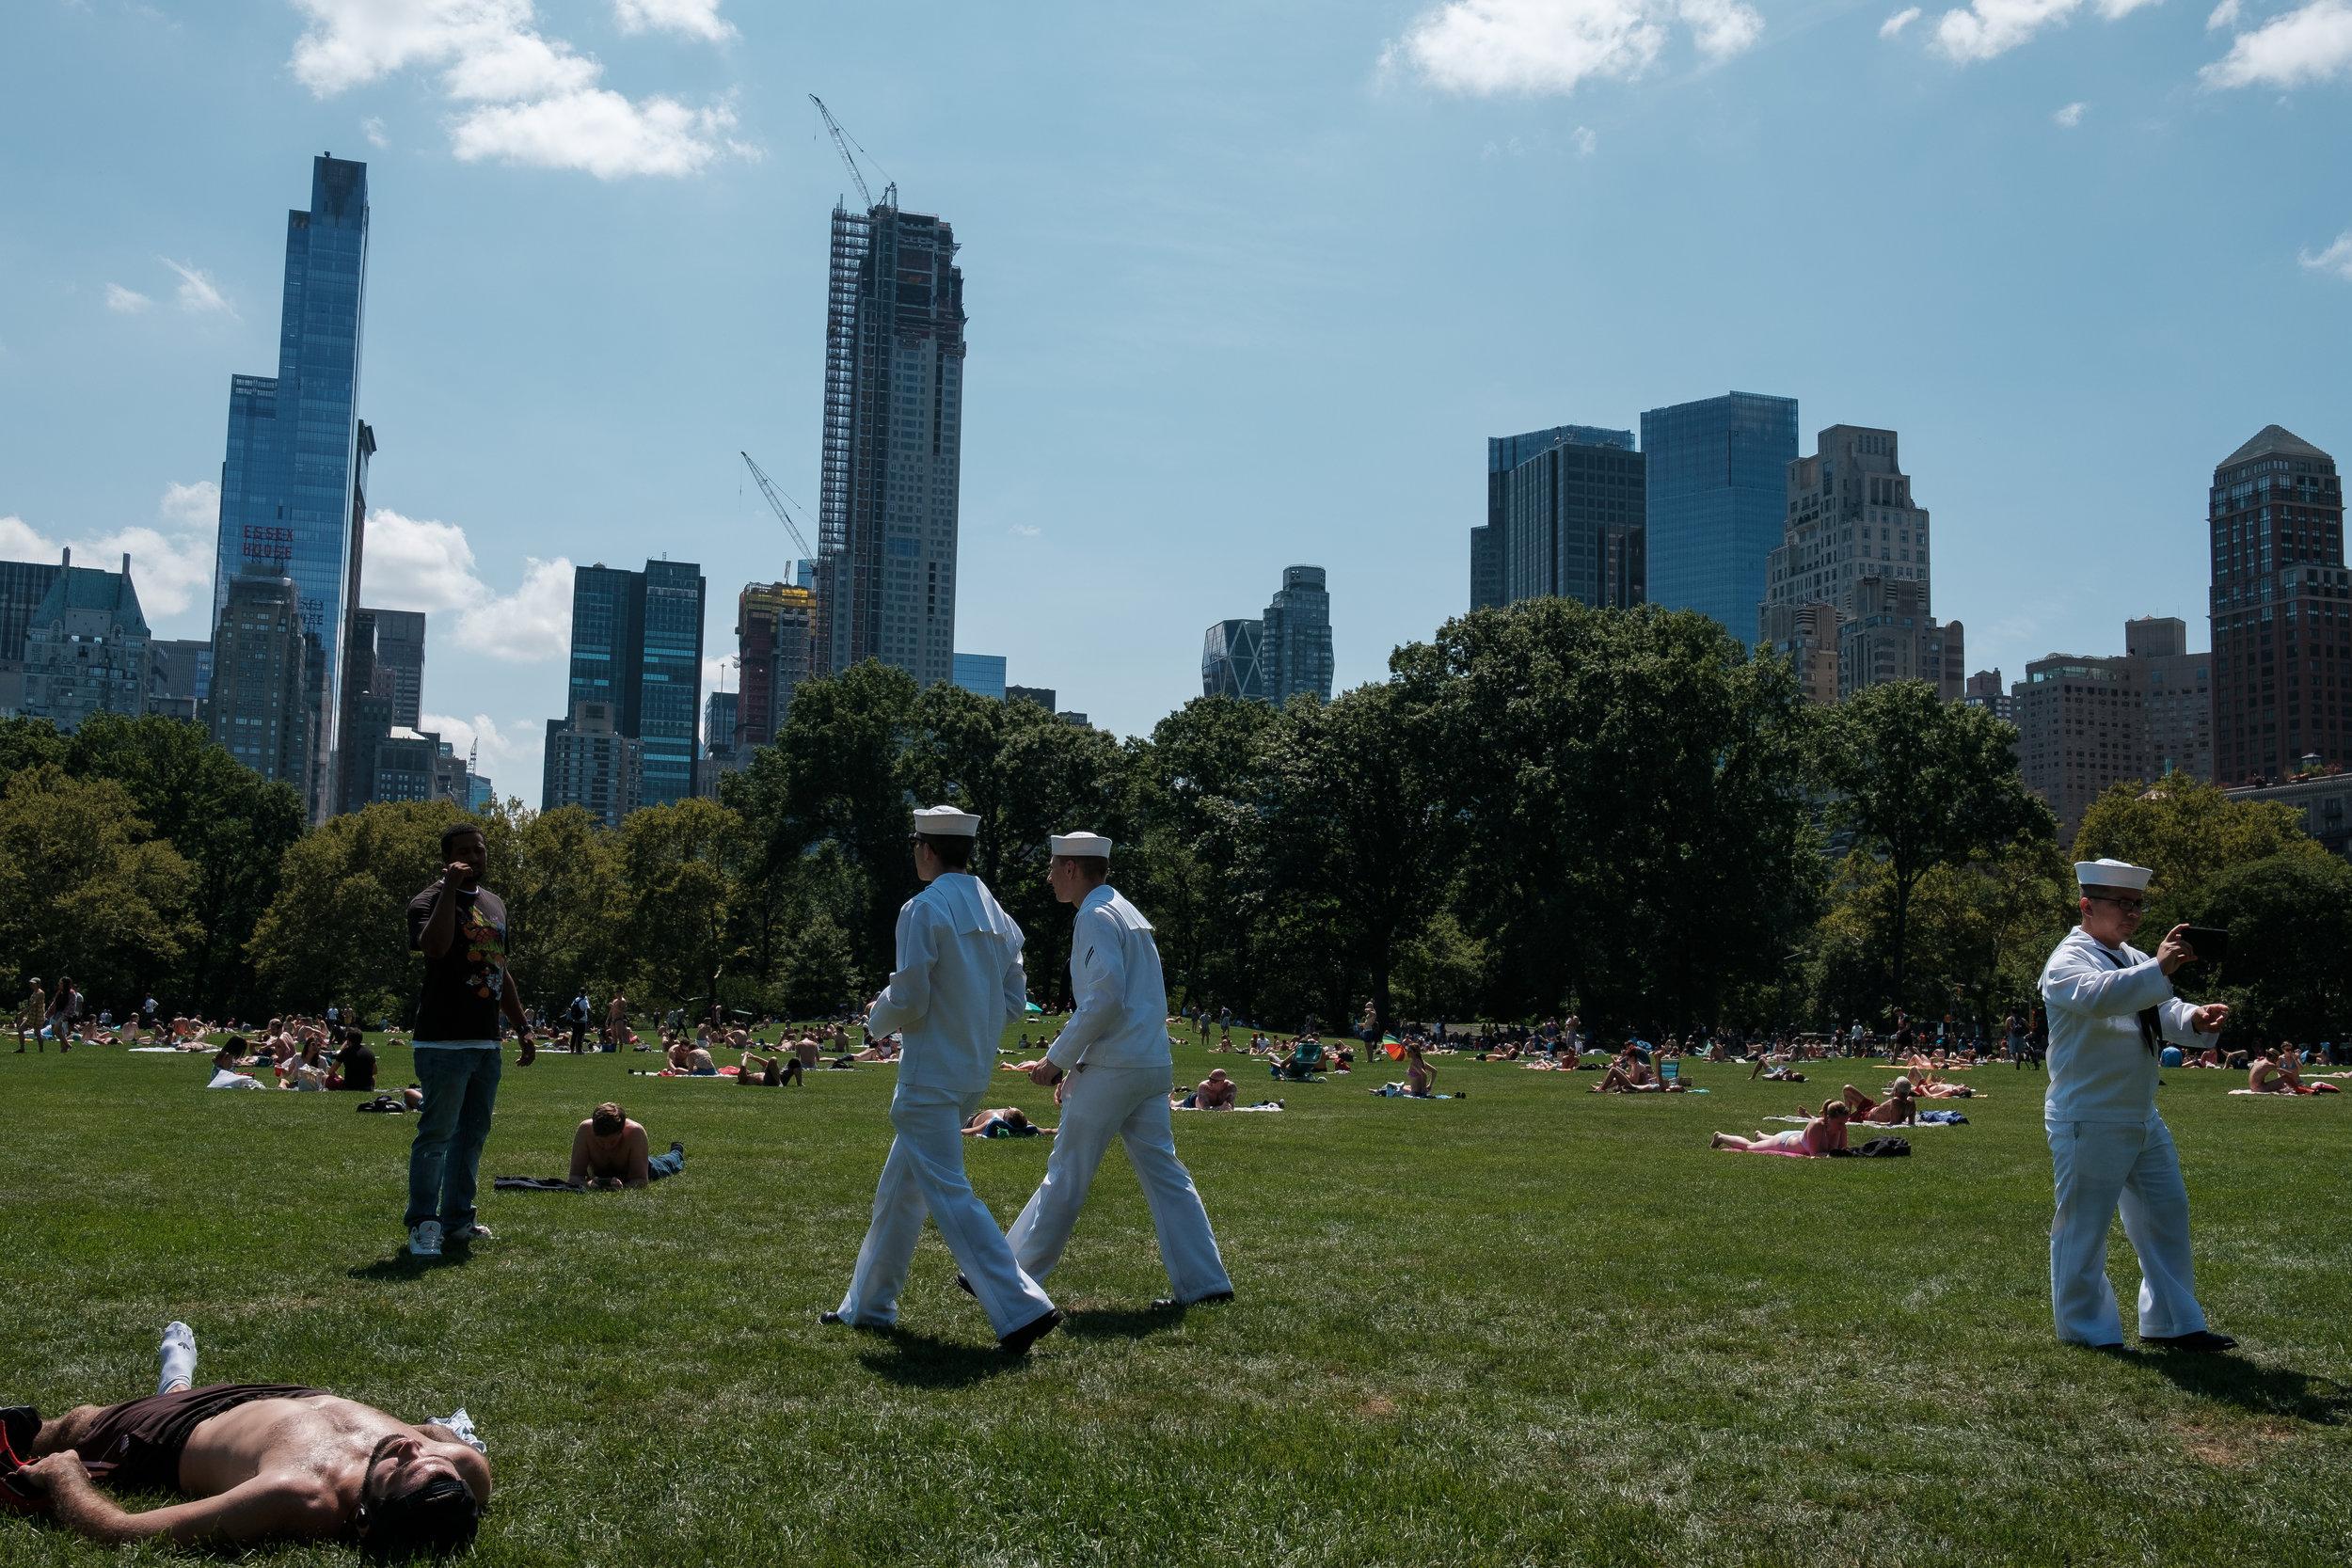 Central Park Sunday Aug 13 2017-2.jpg